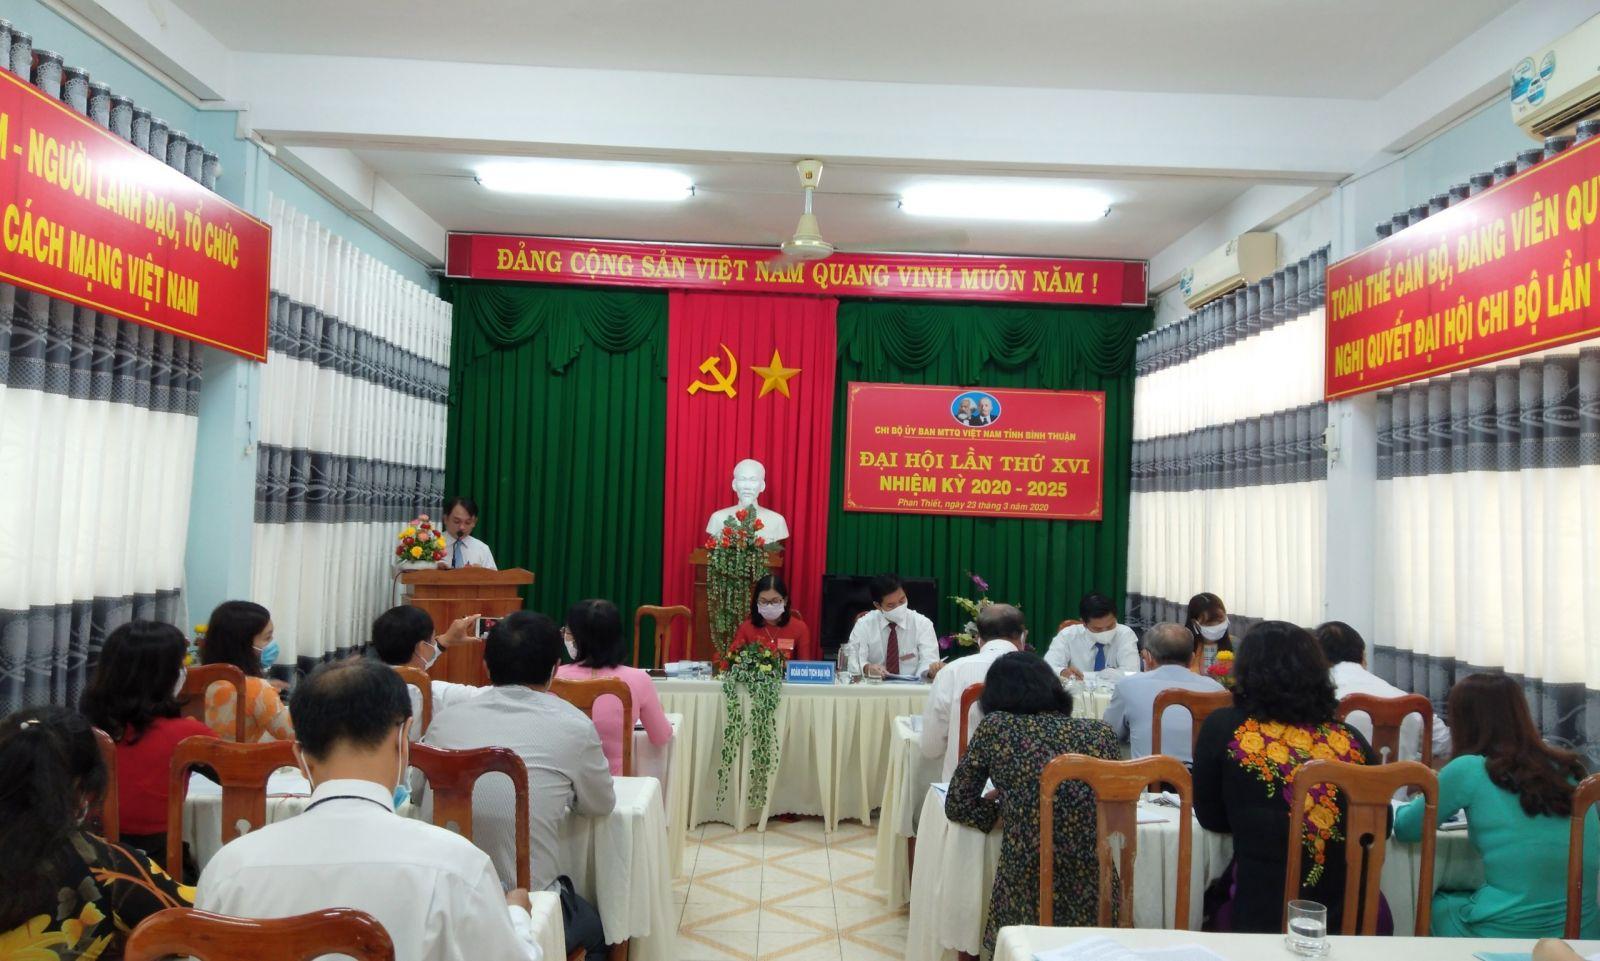 Hình Chi bộ Ủy ban Mặt trận Tổ quốc Việt Nam tỉnh Bình Thuận Đại hội lần thứ XVI nhiệm kỳ 2020-2025